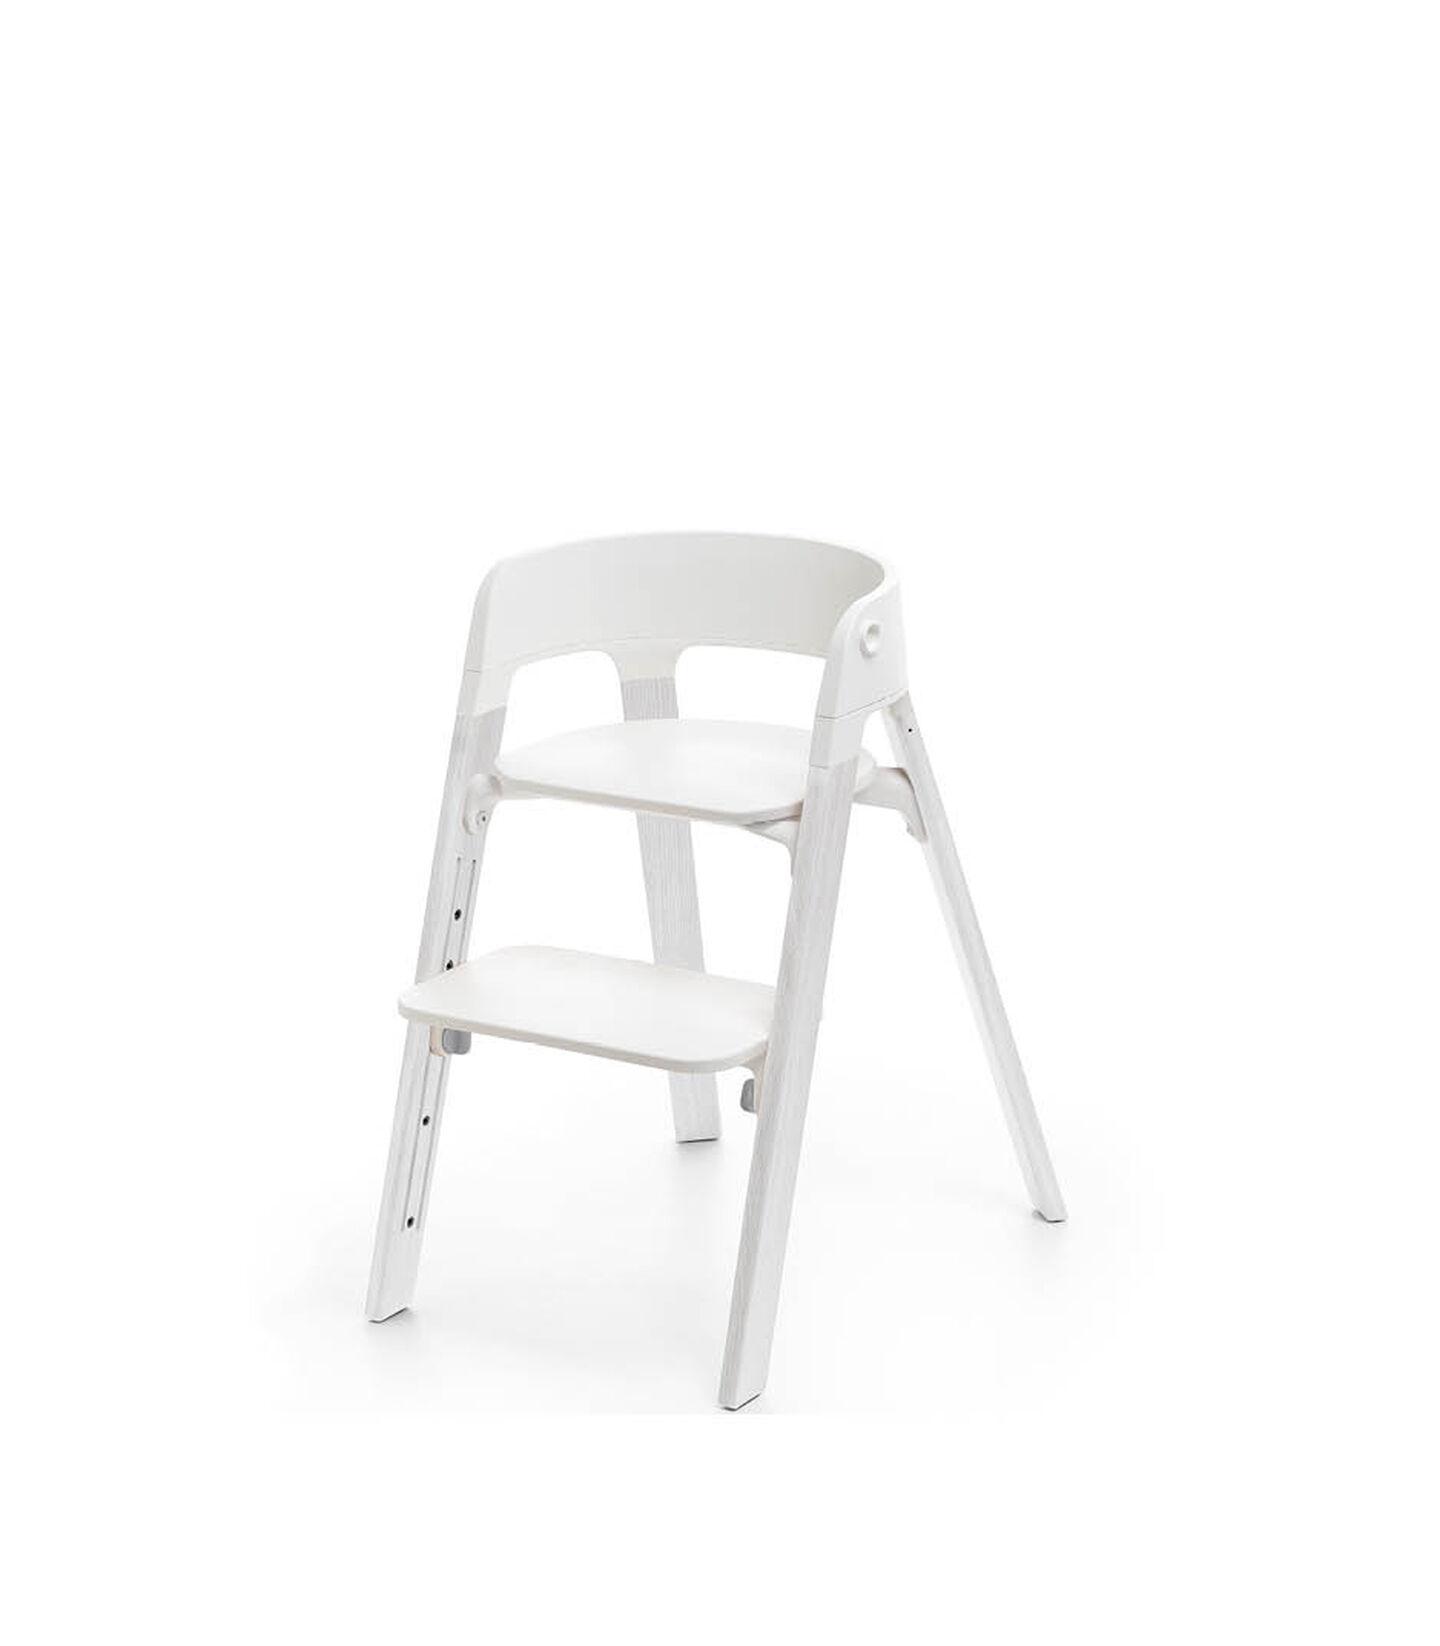 Stokke® Steps™ Chair White Seat Oak White Legs, Oak White, mainview view 2